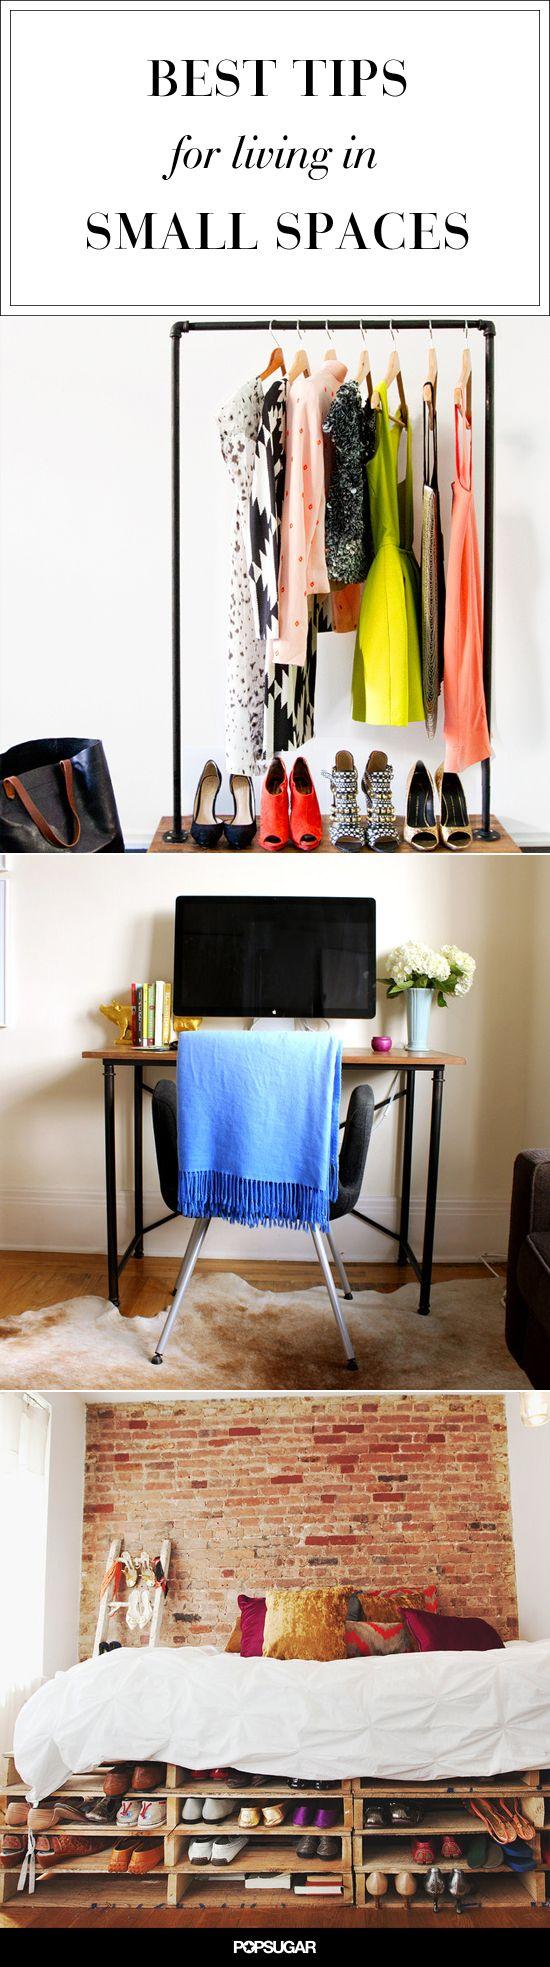 Make your tiny home terrific.